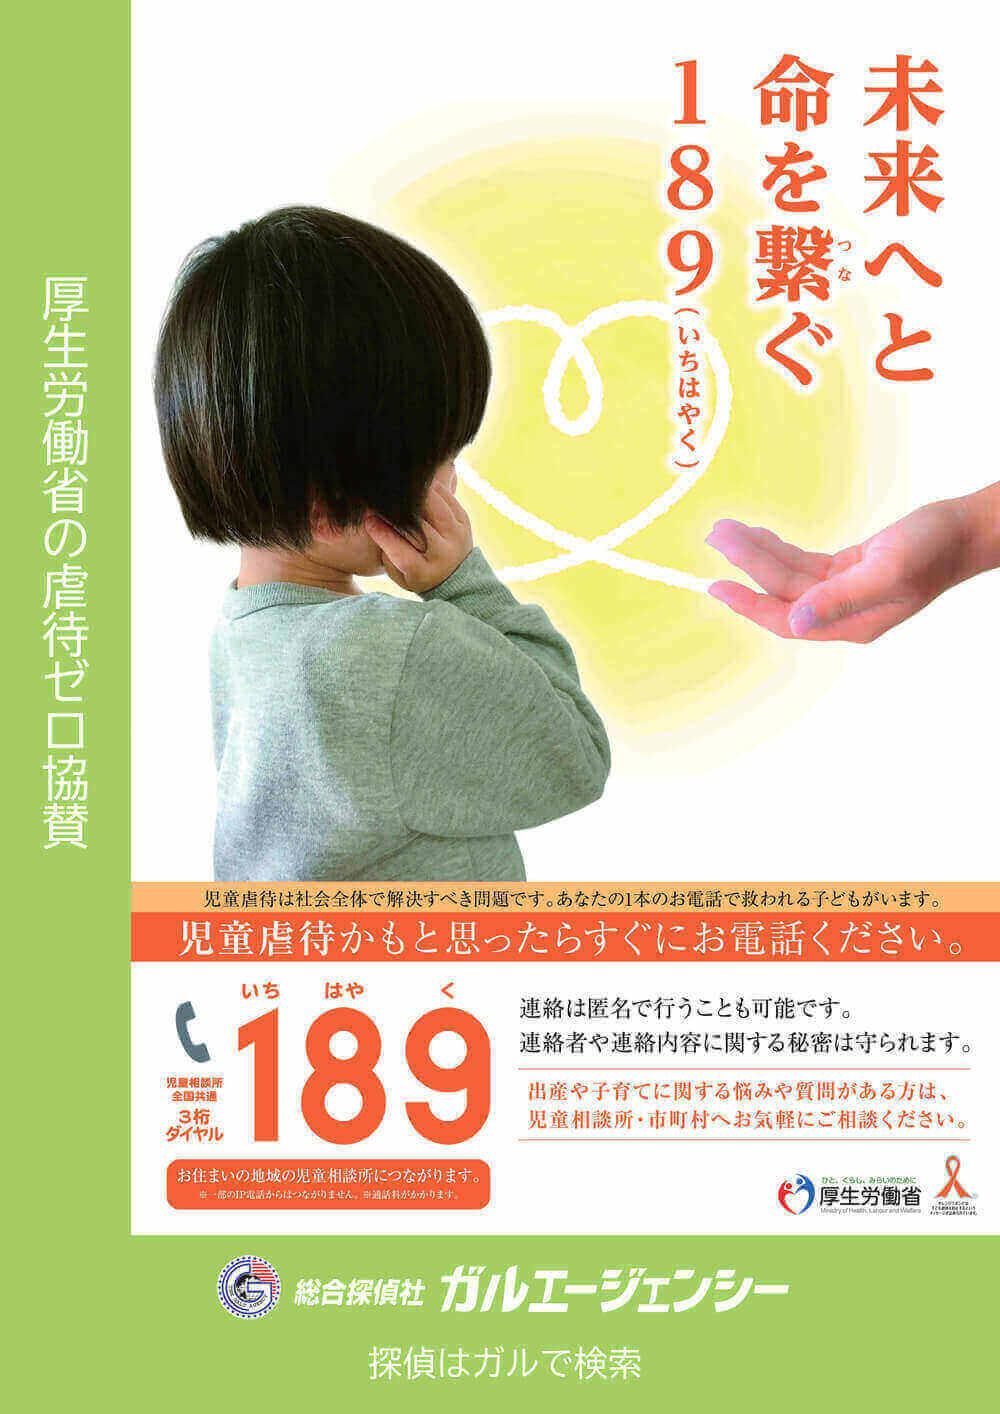 児童虐待啓発ポスター